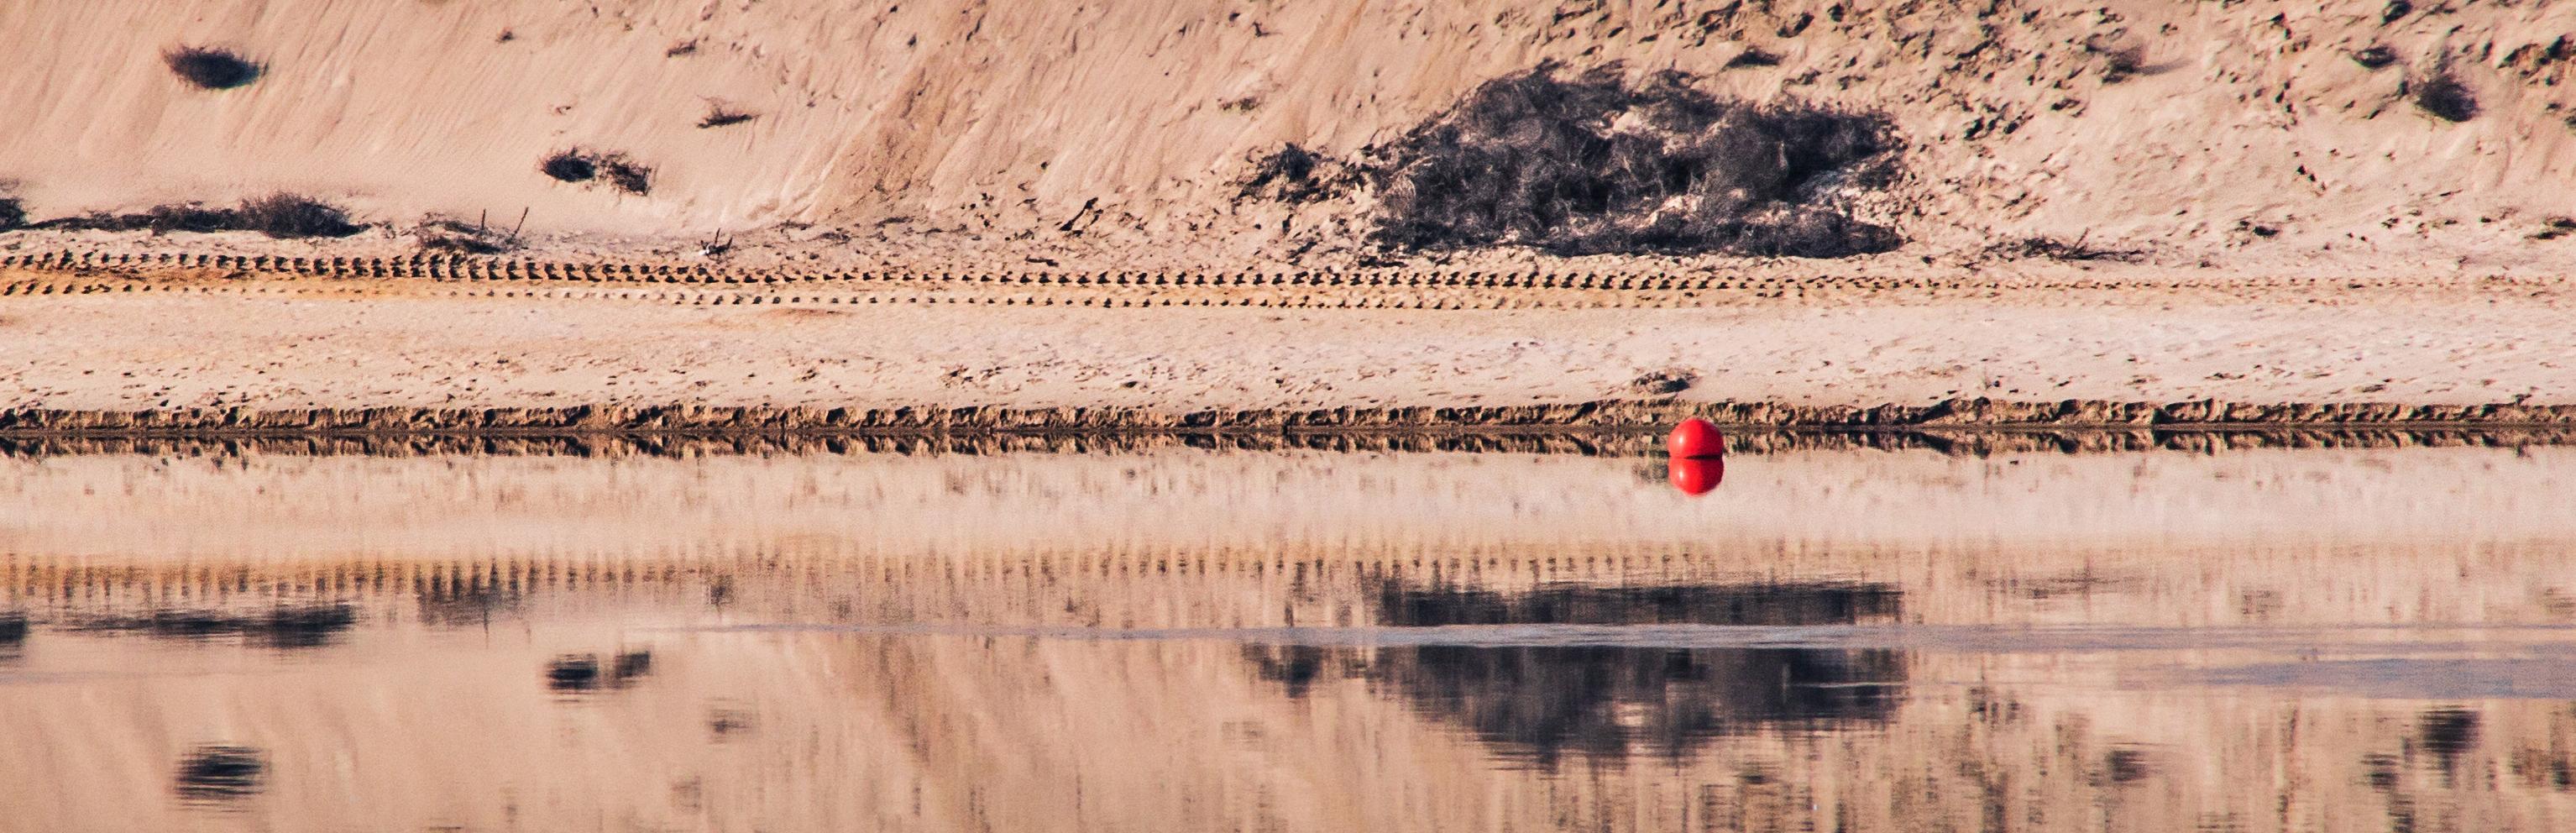 Sand, Wasser und Kugel